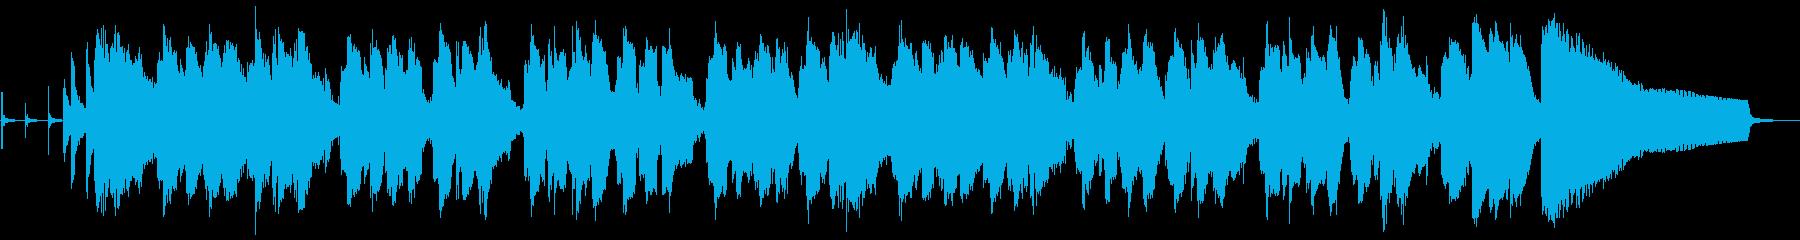 渋めのモダンジャズです。BGMなどに最…の再生済みの波形